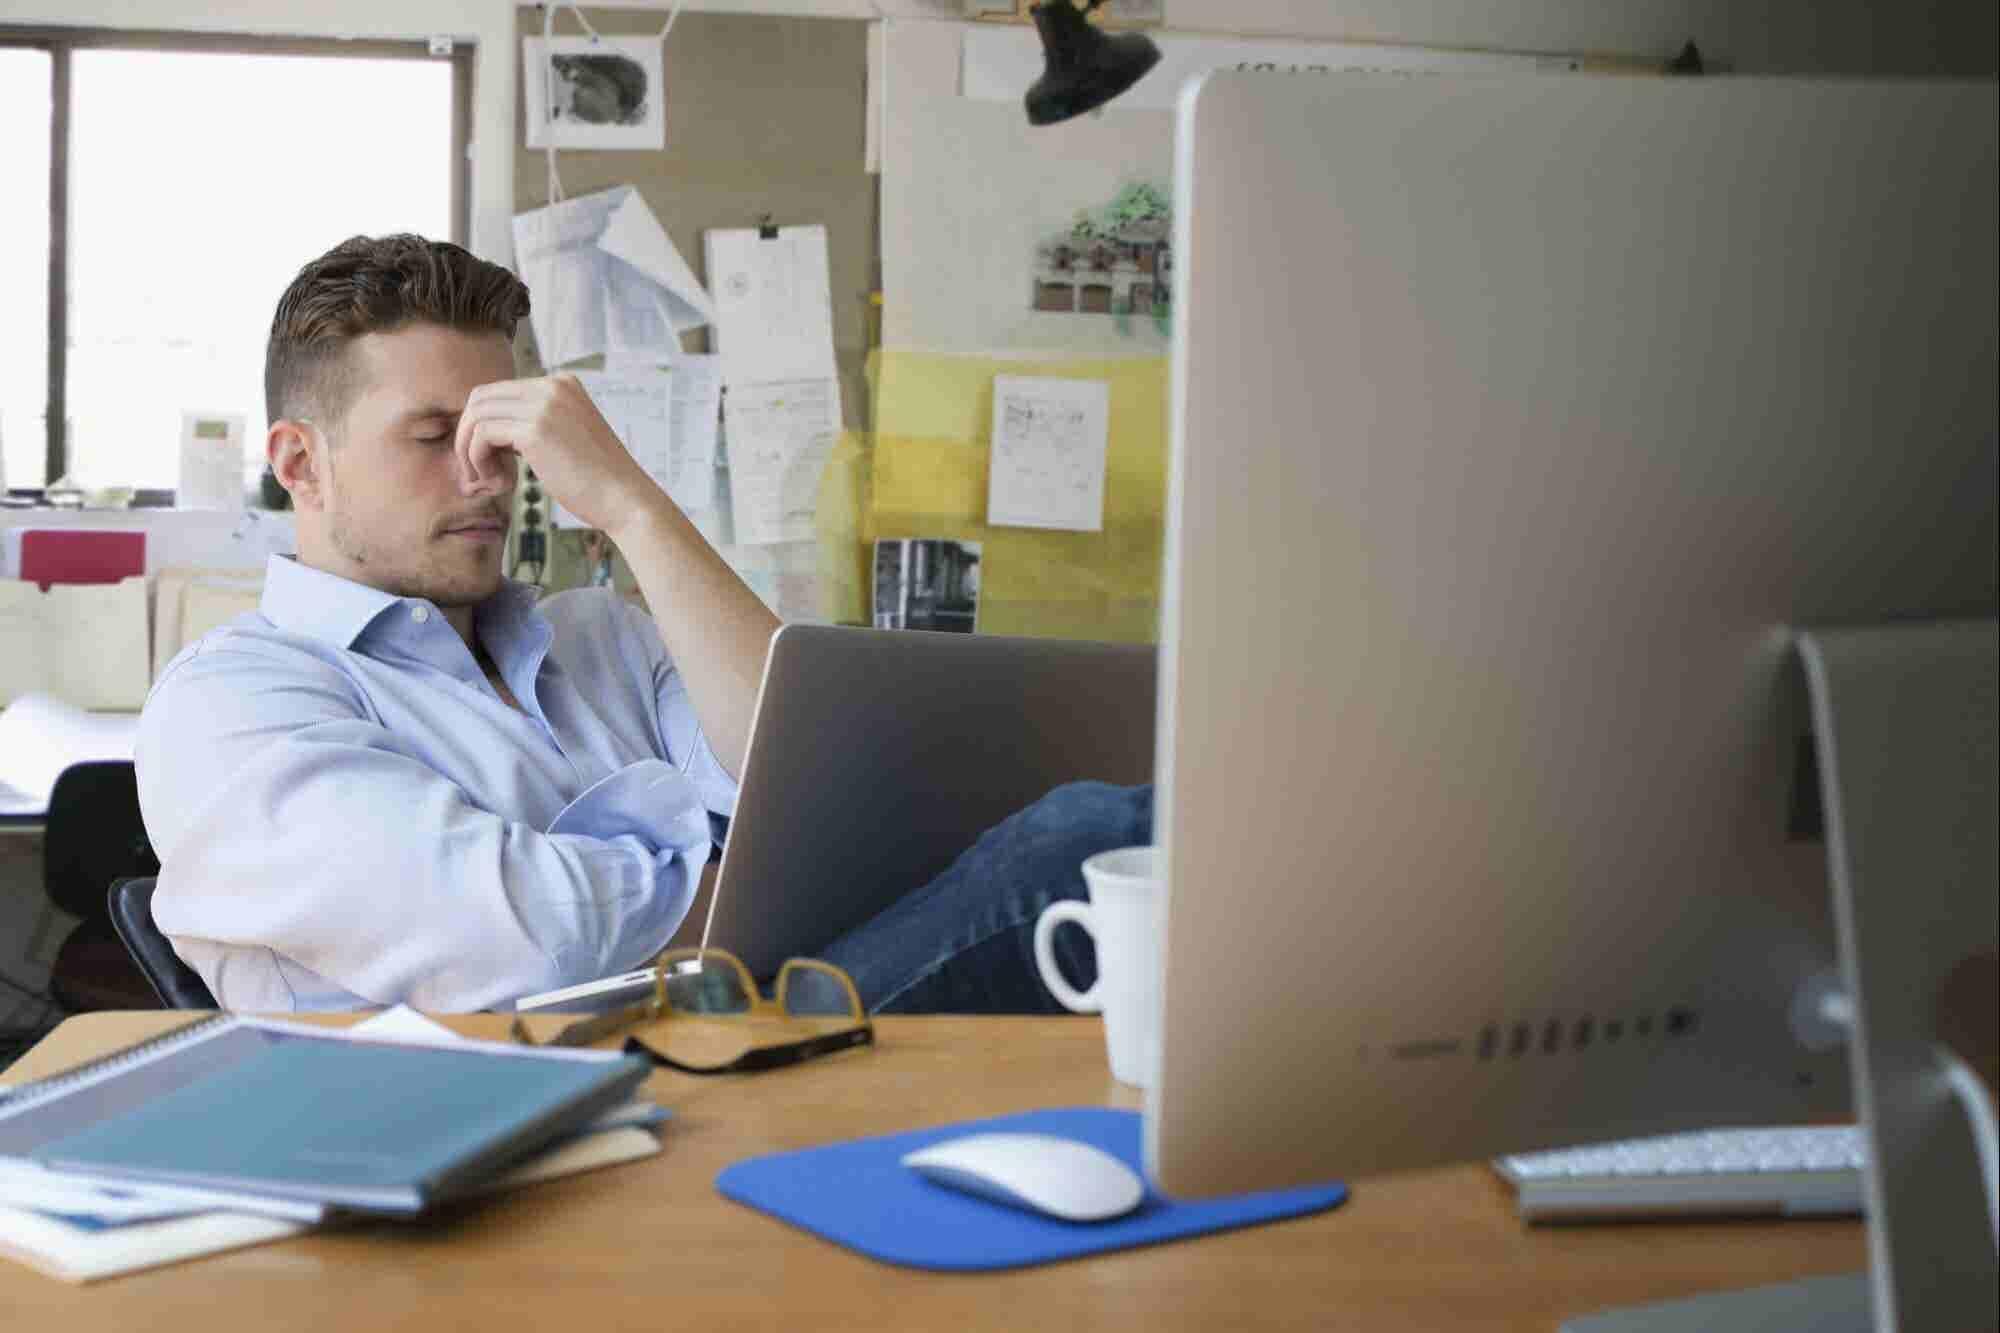 Estos son los 6 errores más comunes que debes evitar en tu carrera